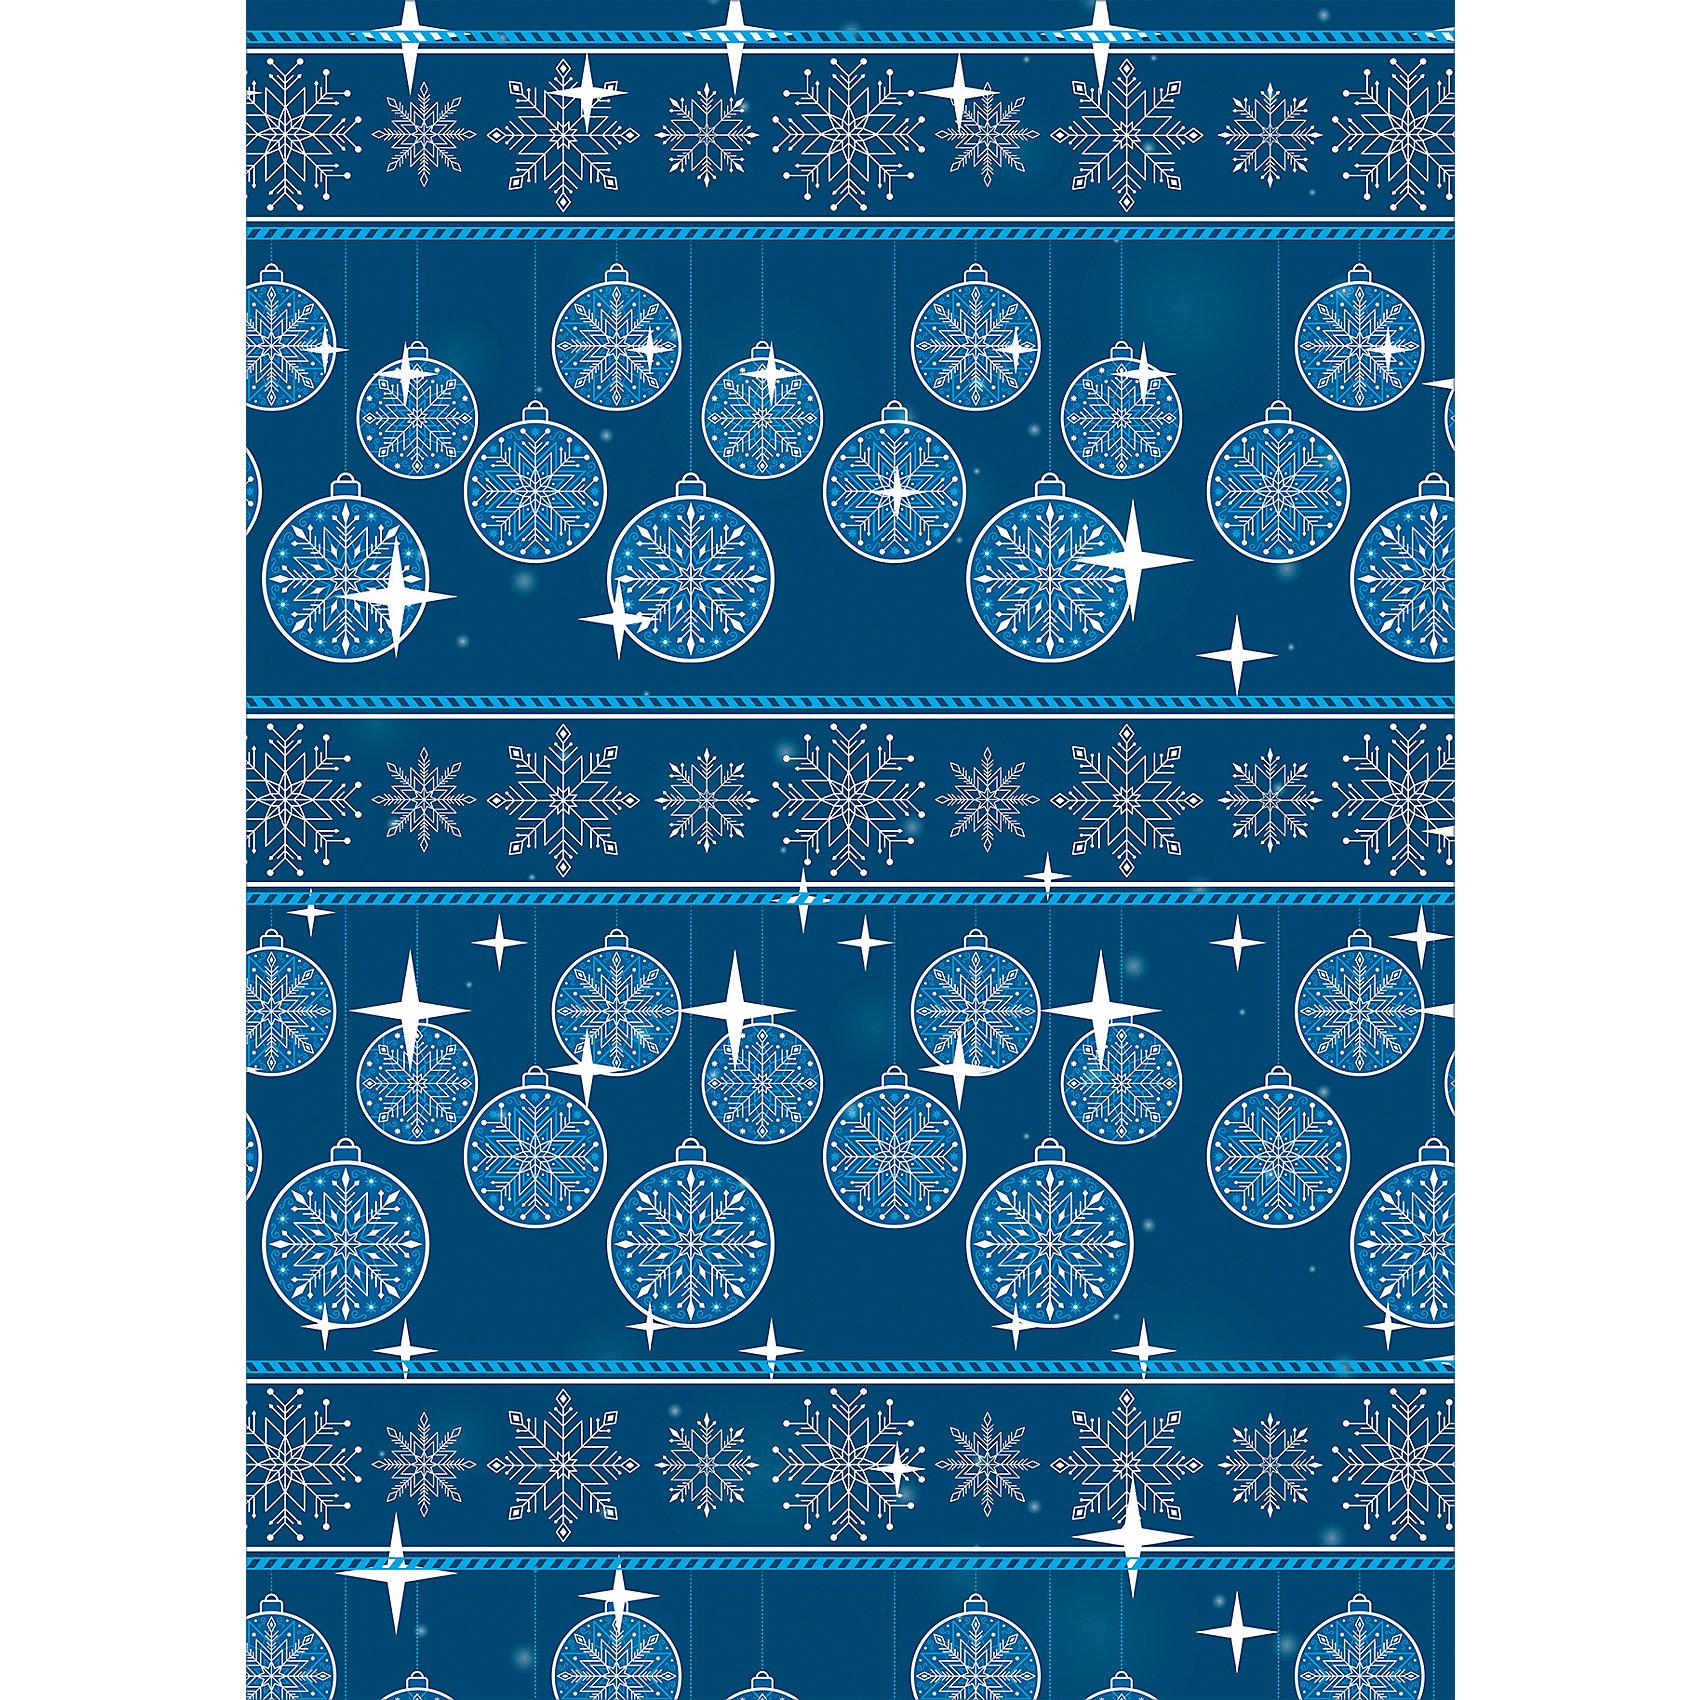 Упаковочная бумага Зимняя ночь 100*70 смУпаковочная бумага Зимняя ночь 100*70 см - впустите атмосферу зимы и праздников в ваш дом! С этой декоративной бумагой так весело наряжать подарки и радовать близких. Яркая односторонняя бумага с цветными рисунками блестящих шариков и снежинок на темно-синем фоне подойдет для любого типа подарков не зависимо от пола и возраста. Упаковочная бумага представлена свернутой в рулон. Подарите сюрприз вашим близким!<br><br>Дополнительная информация:<br><br>- Размер: 100 * 70 см.<br>- Материал: бумага, плотность 80 г/м2 <br>Упаковочную бумагу Зимняя ночь 100 * 70 см можно купить в нашем интернет-магазине.<br>Подробнее:<br>• Для детей в возрасте: от 3 лет<br>• Номер товара: 4981464<br>Страна производитель: Китай<br><br>Ширина мм: 100<br>Глубина мм: 100<br>Высота мм: 60<br>Вес г: 62<br>Возраст от месяцев: 36<br>Возраст до месяцев: 2147483647<br>Пол: Унисекс<br>Возраст: Детский<br>SKU: 4981464